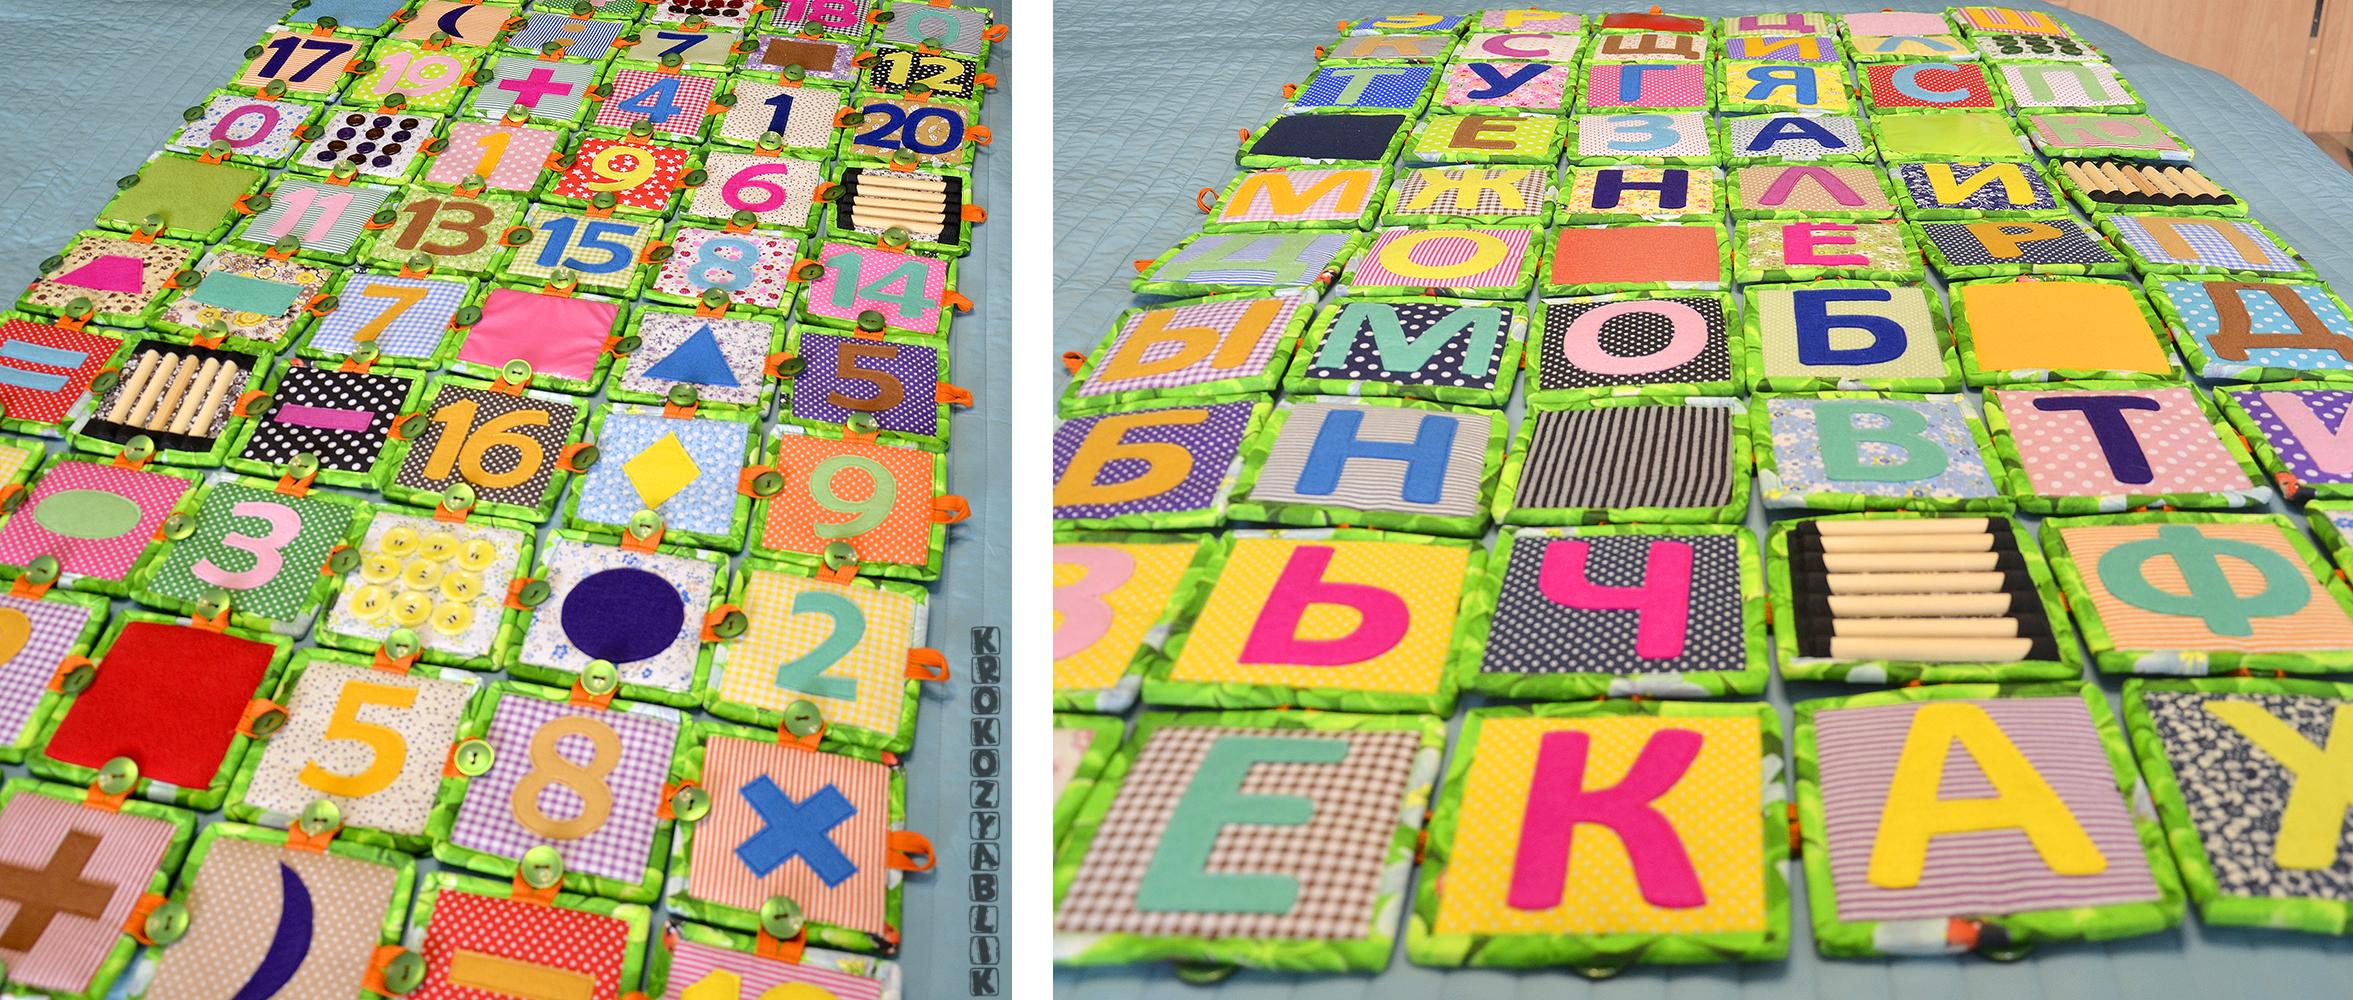 массажный коврик конструктор 10 кубиков 5.jpg